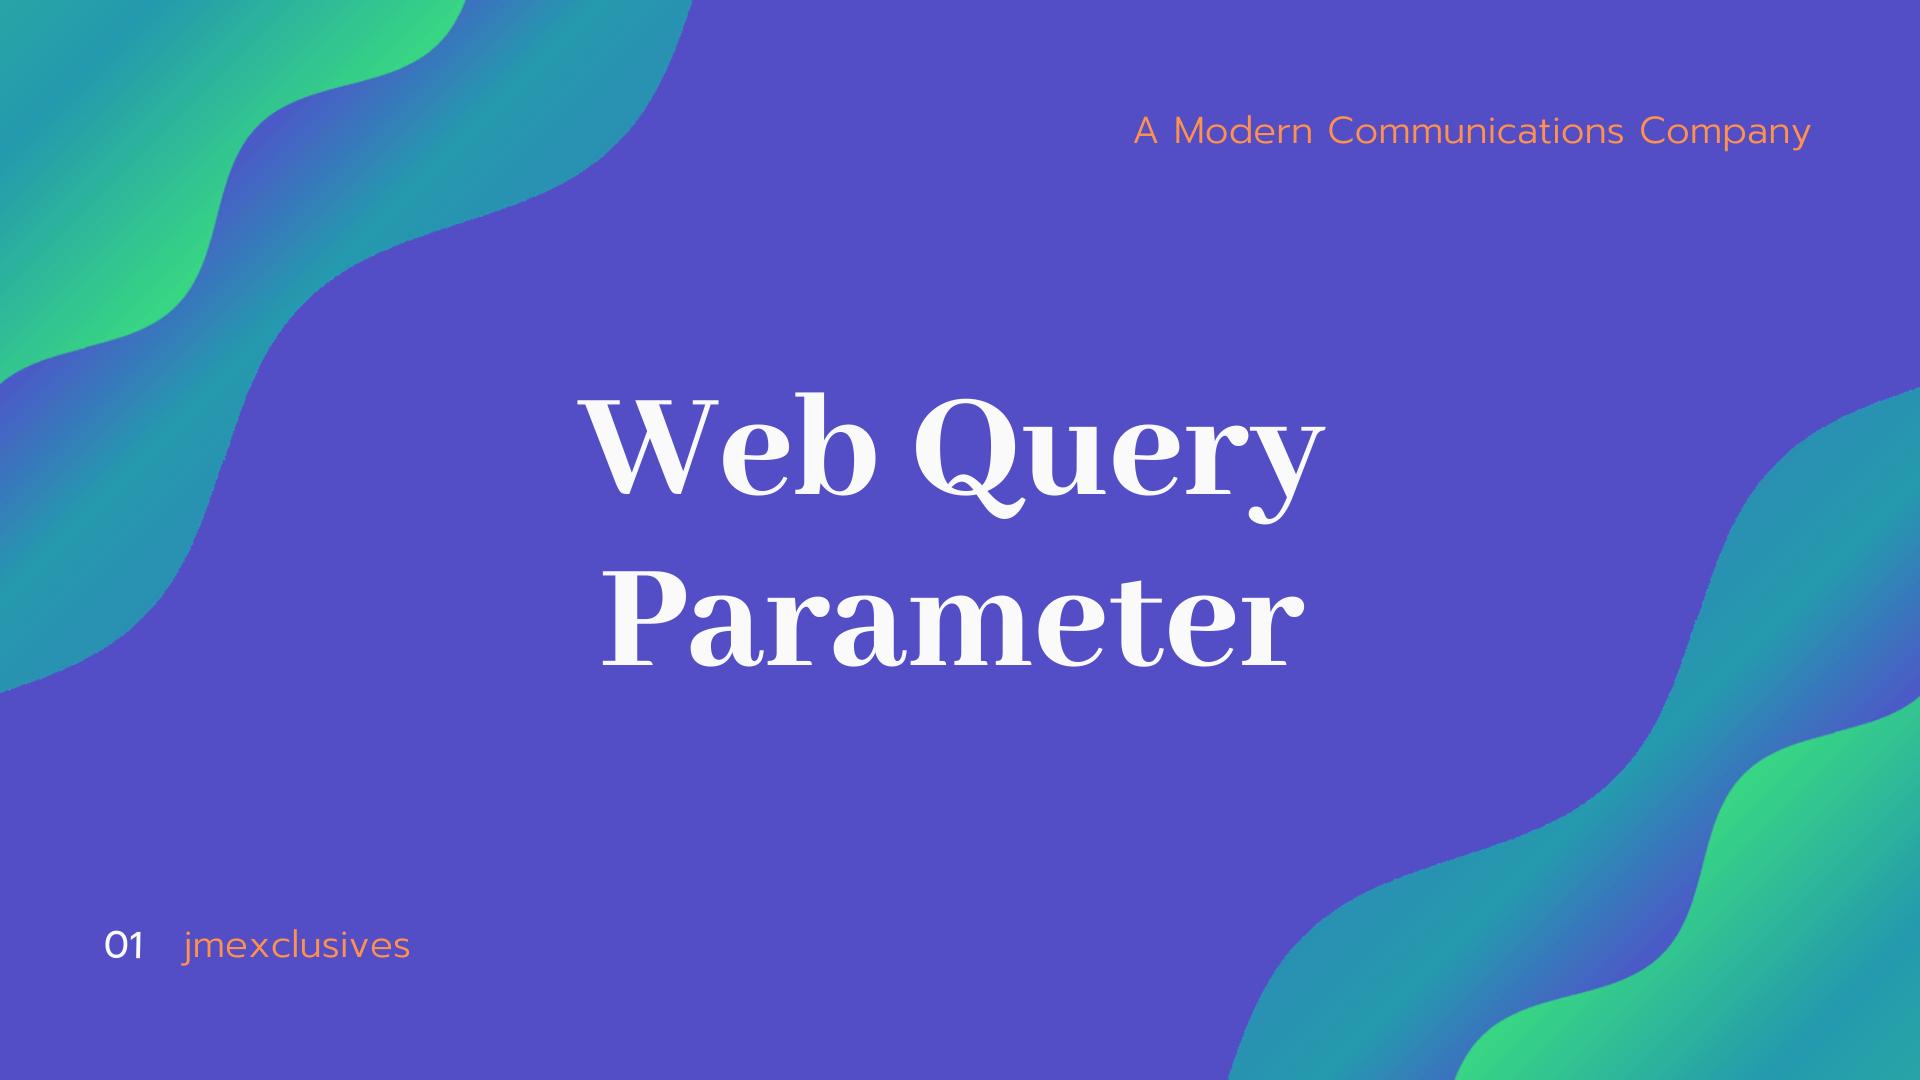 Web Query Parameter